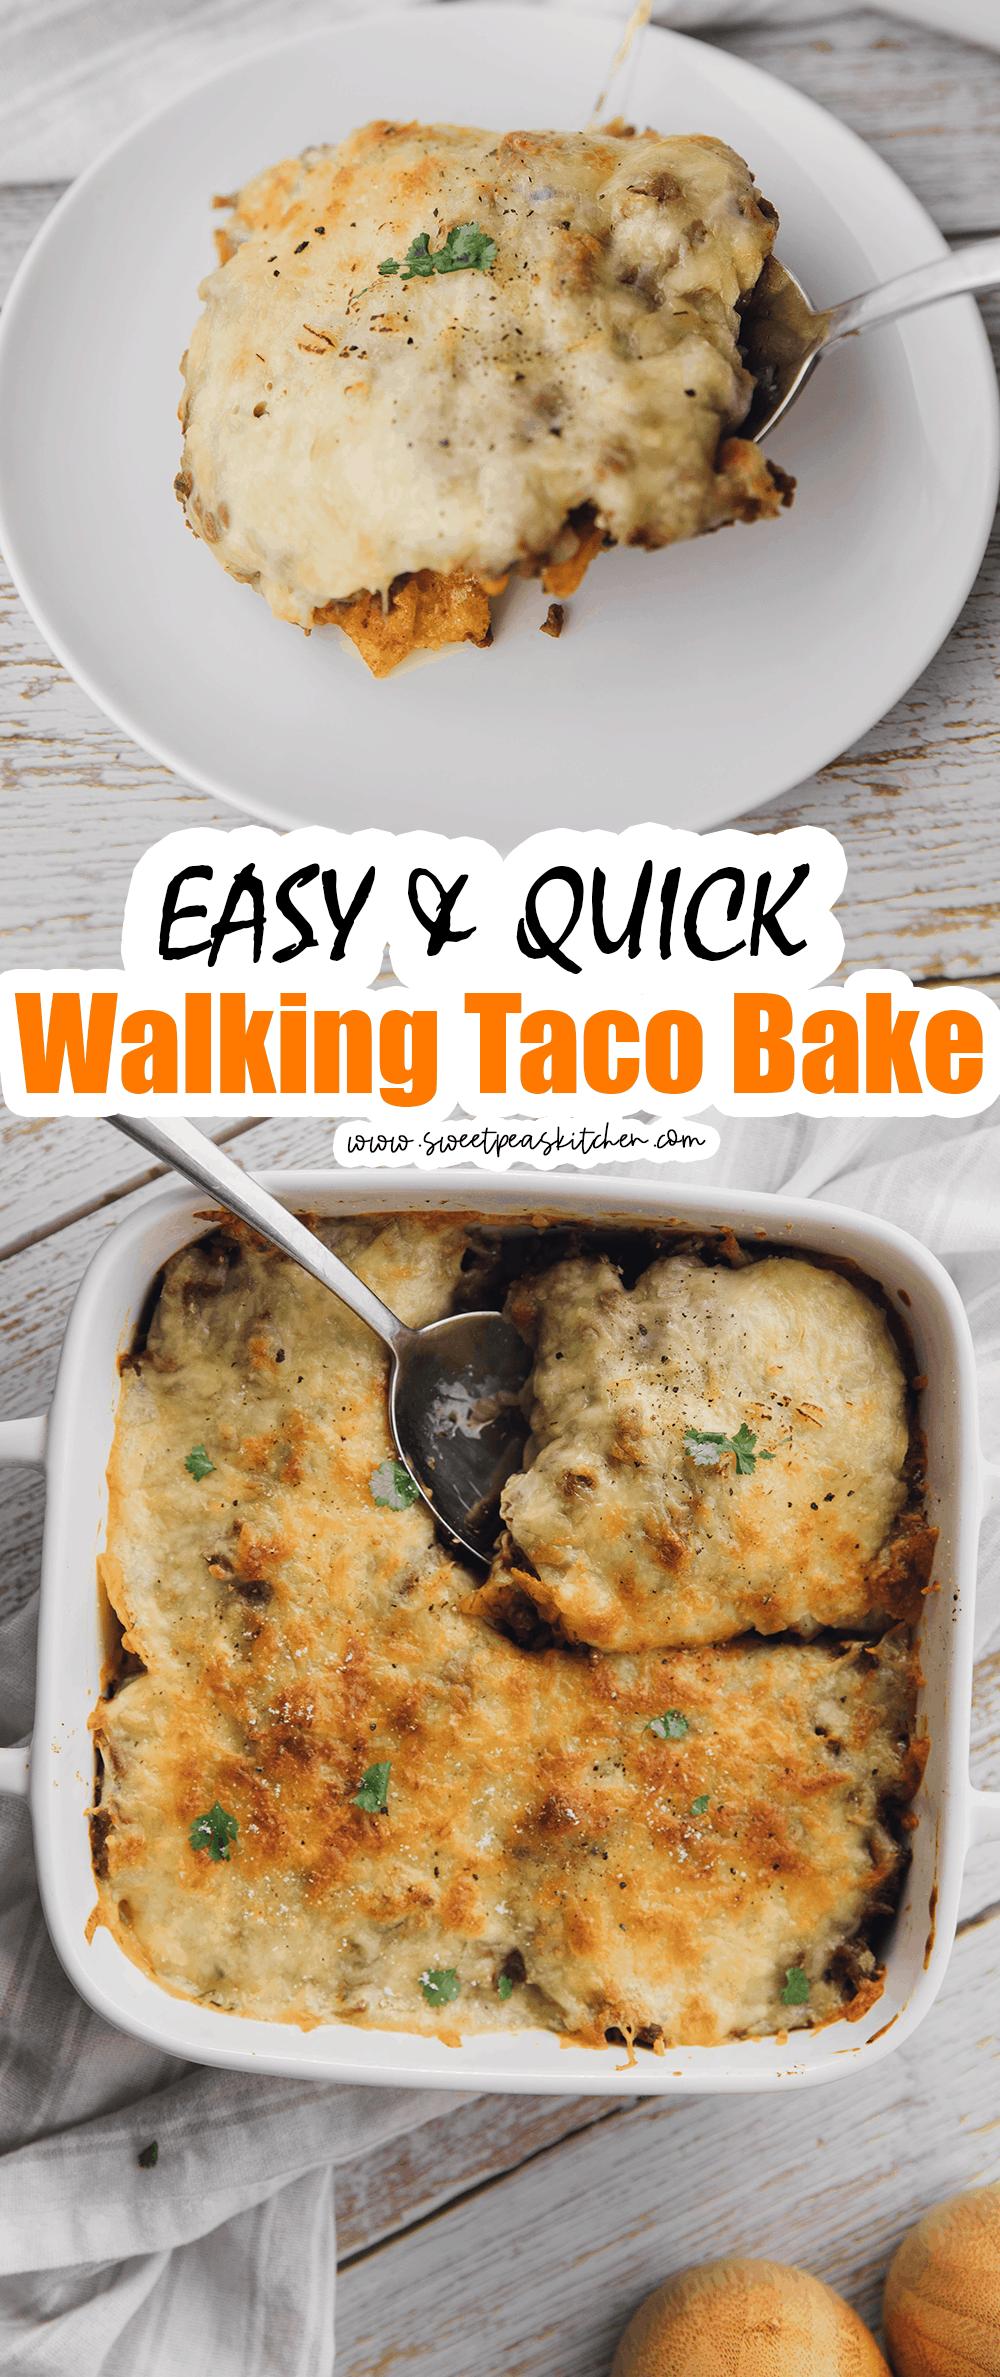 Walking Taco Bake